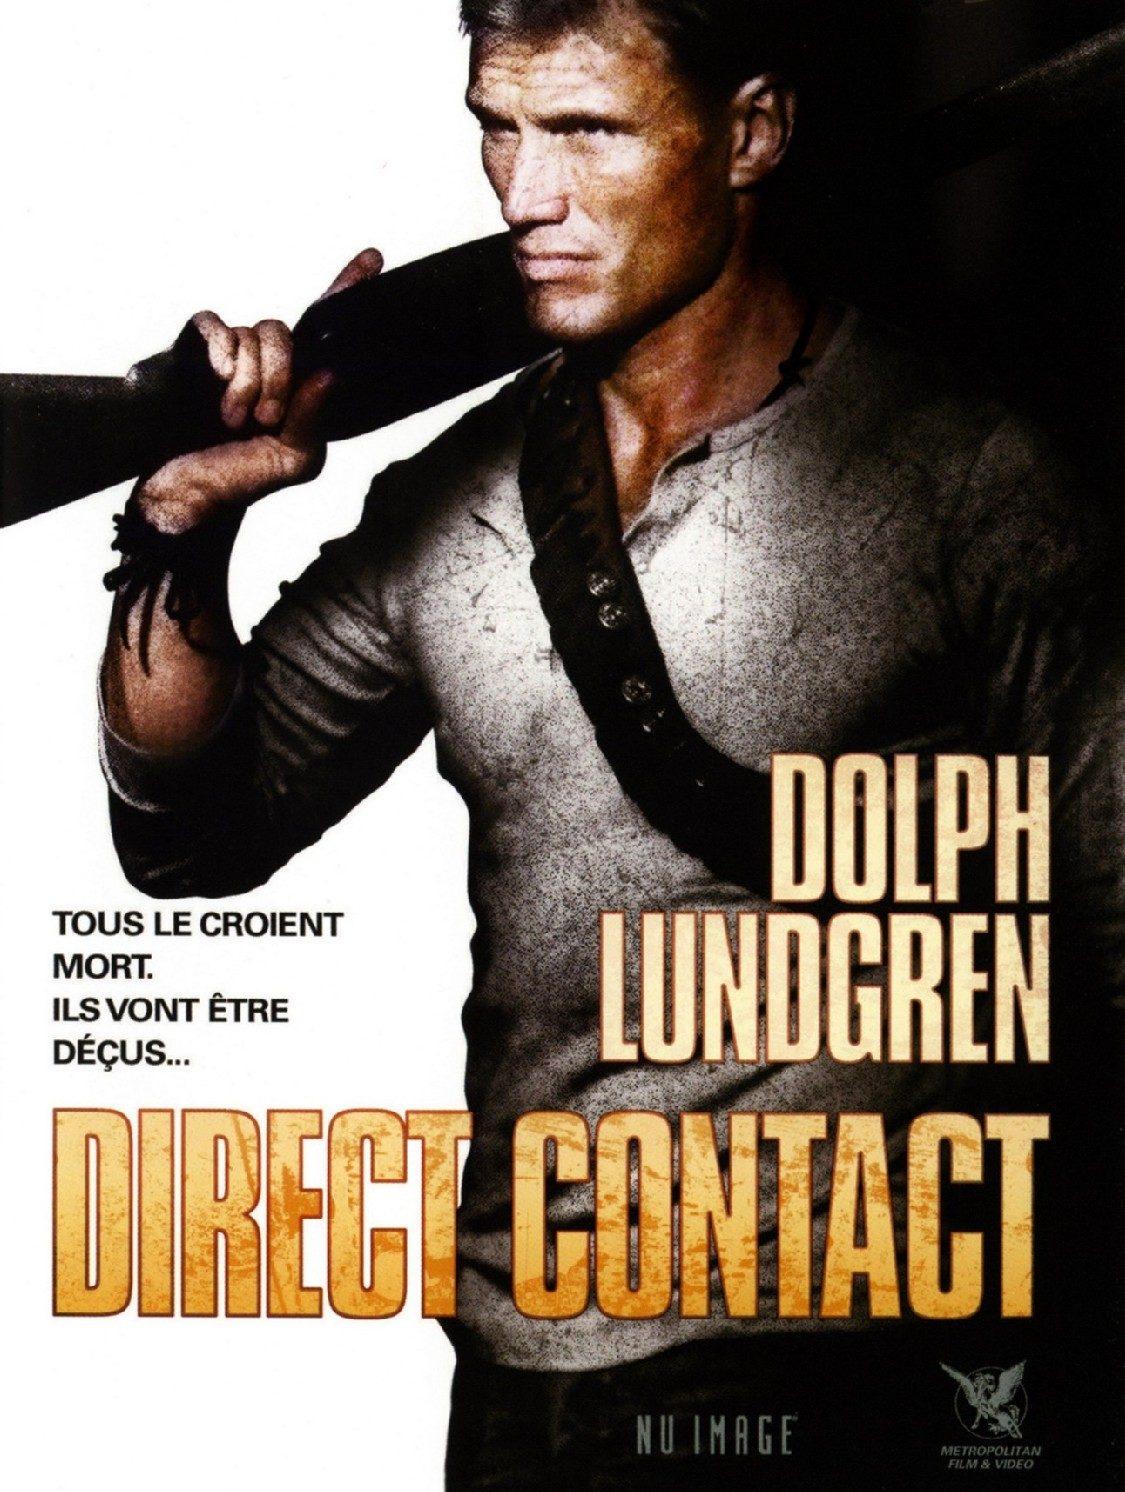 Affiche du film Direct Contact avec Dolph Lundgren